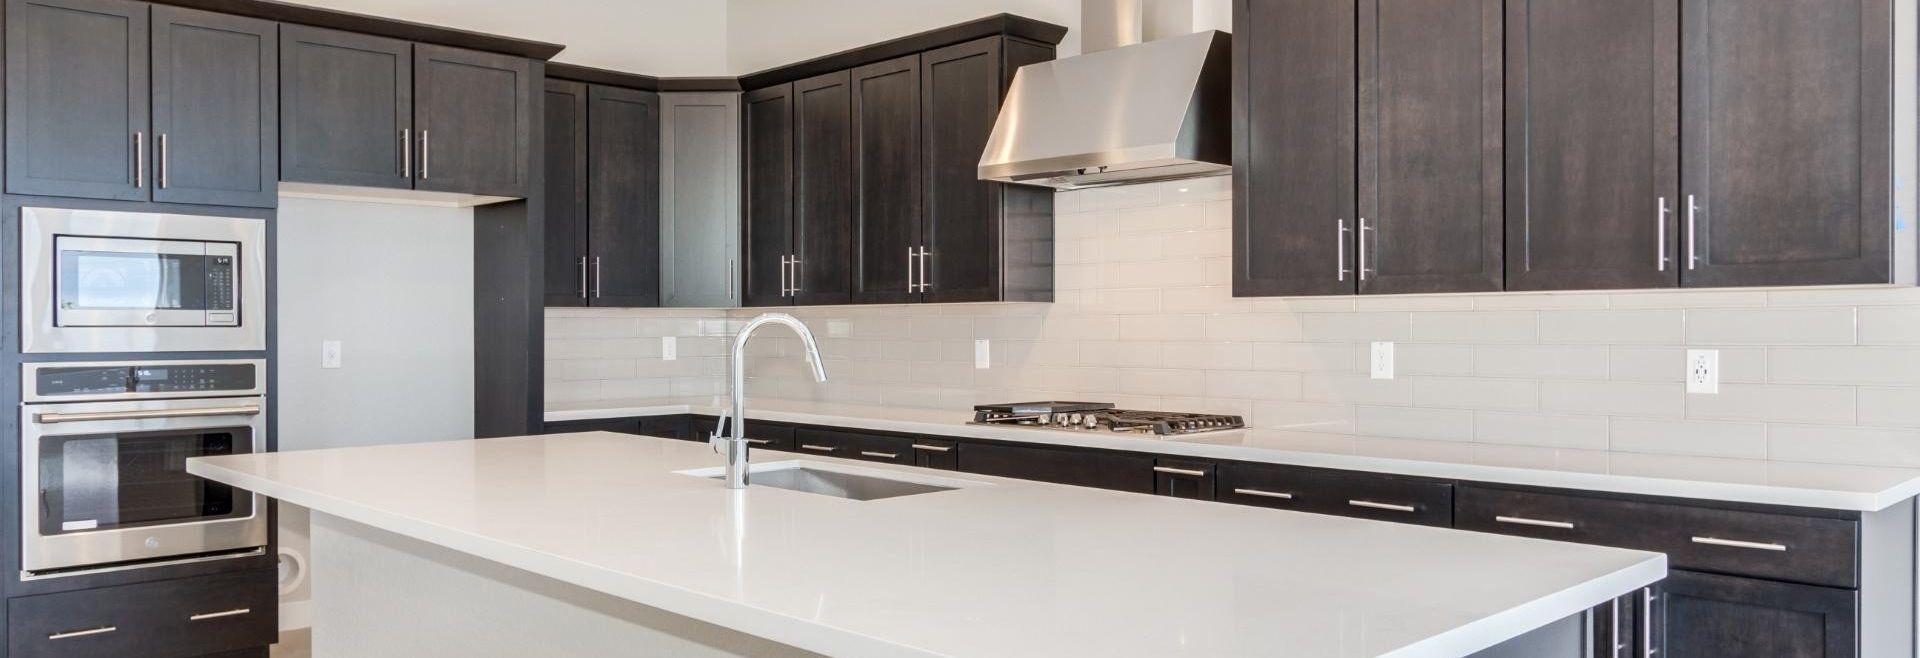 Evolve Homesite 7 Kitchen